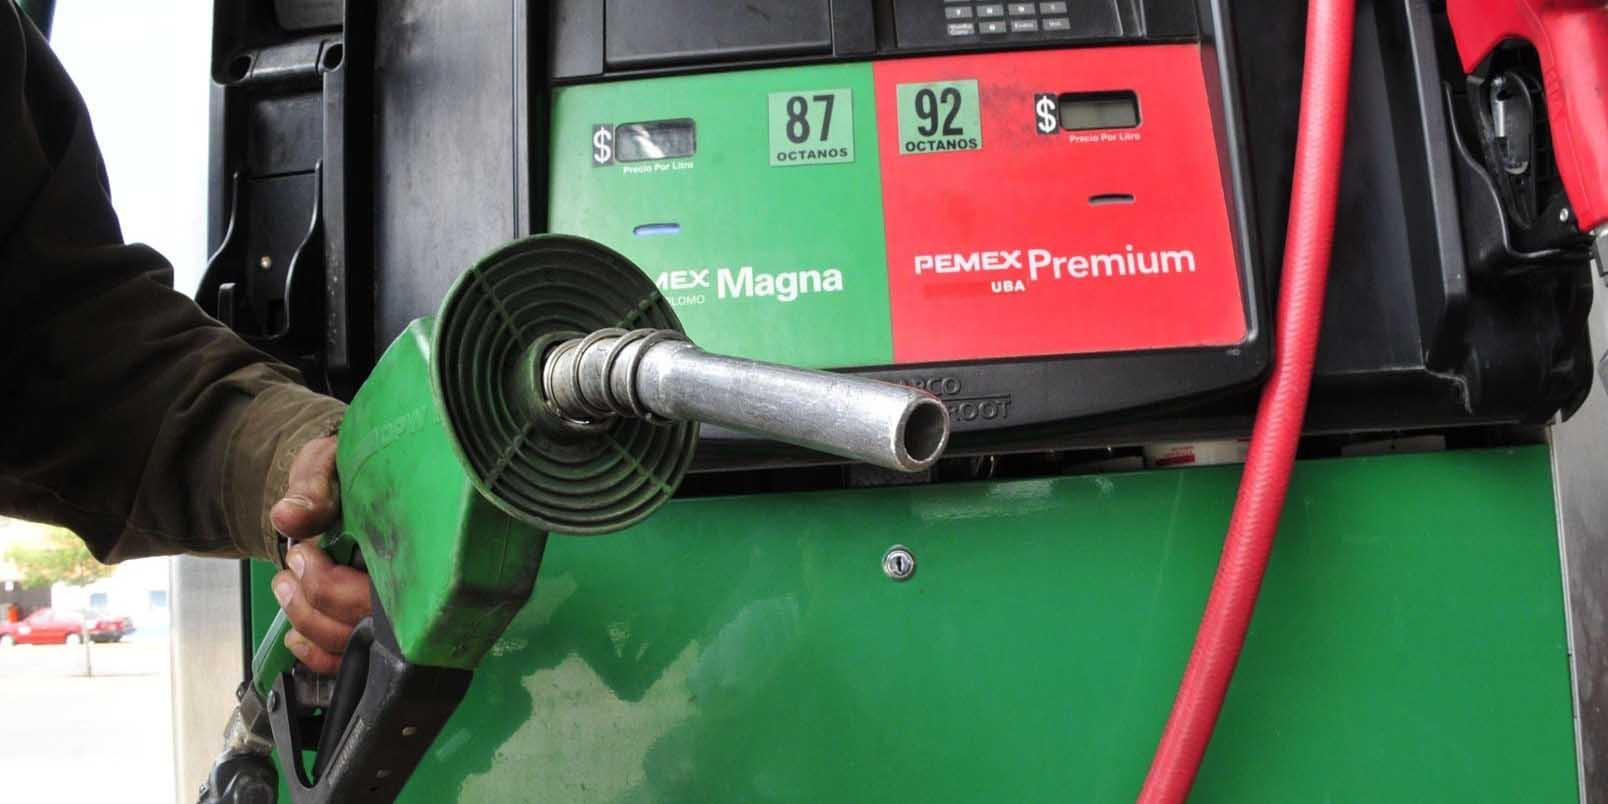 Estímulo fiscal para la gasolina Magna es elevado a 53.26% por hacienda | El Imparcial de Oaxaca